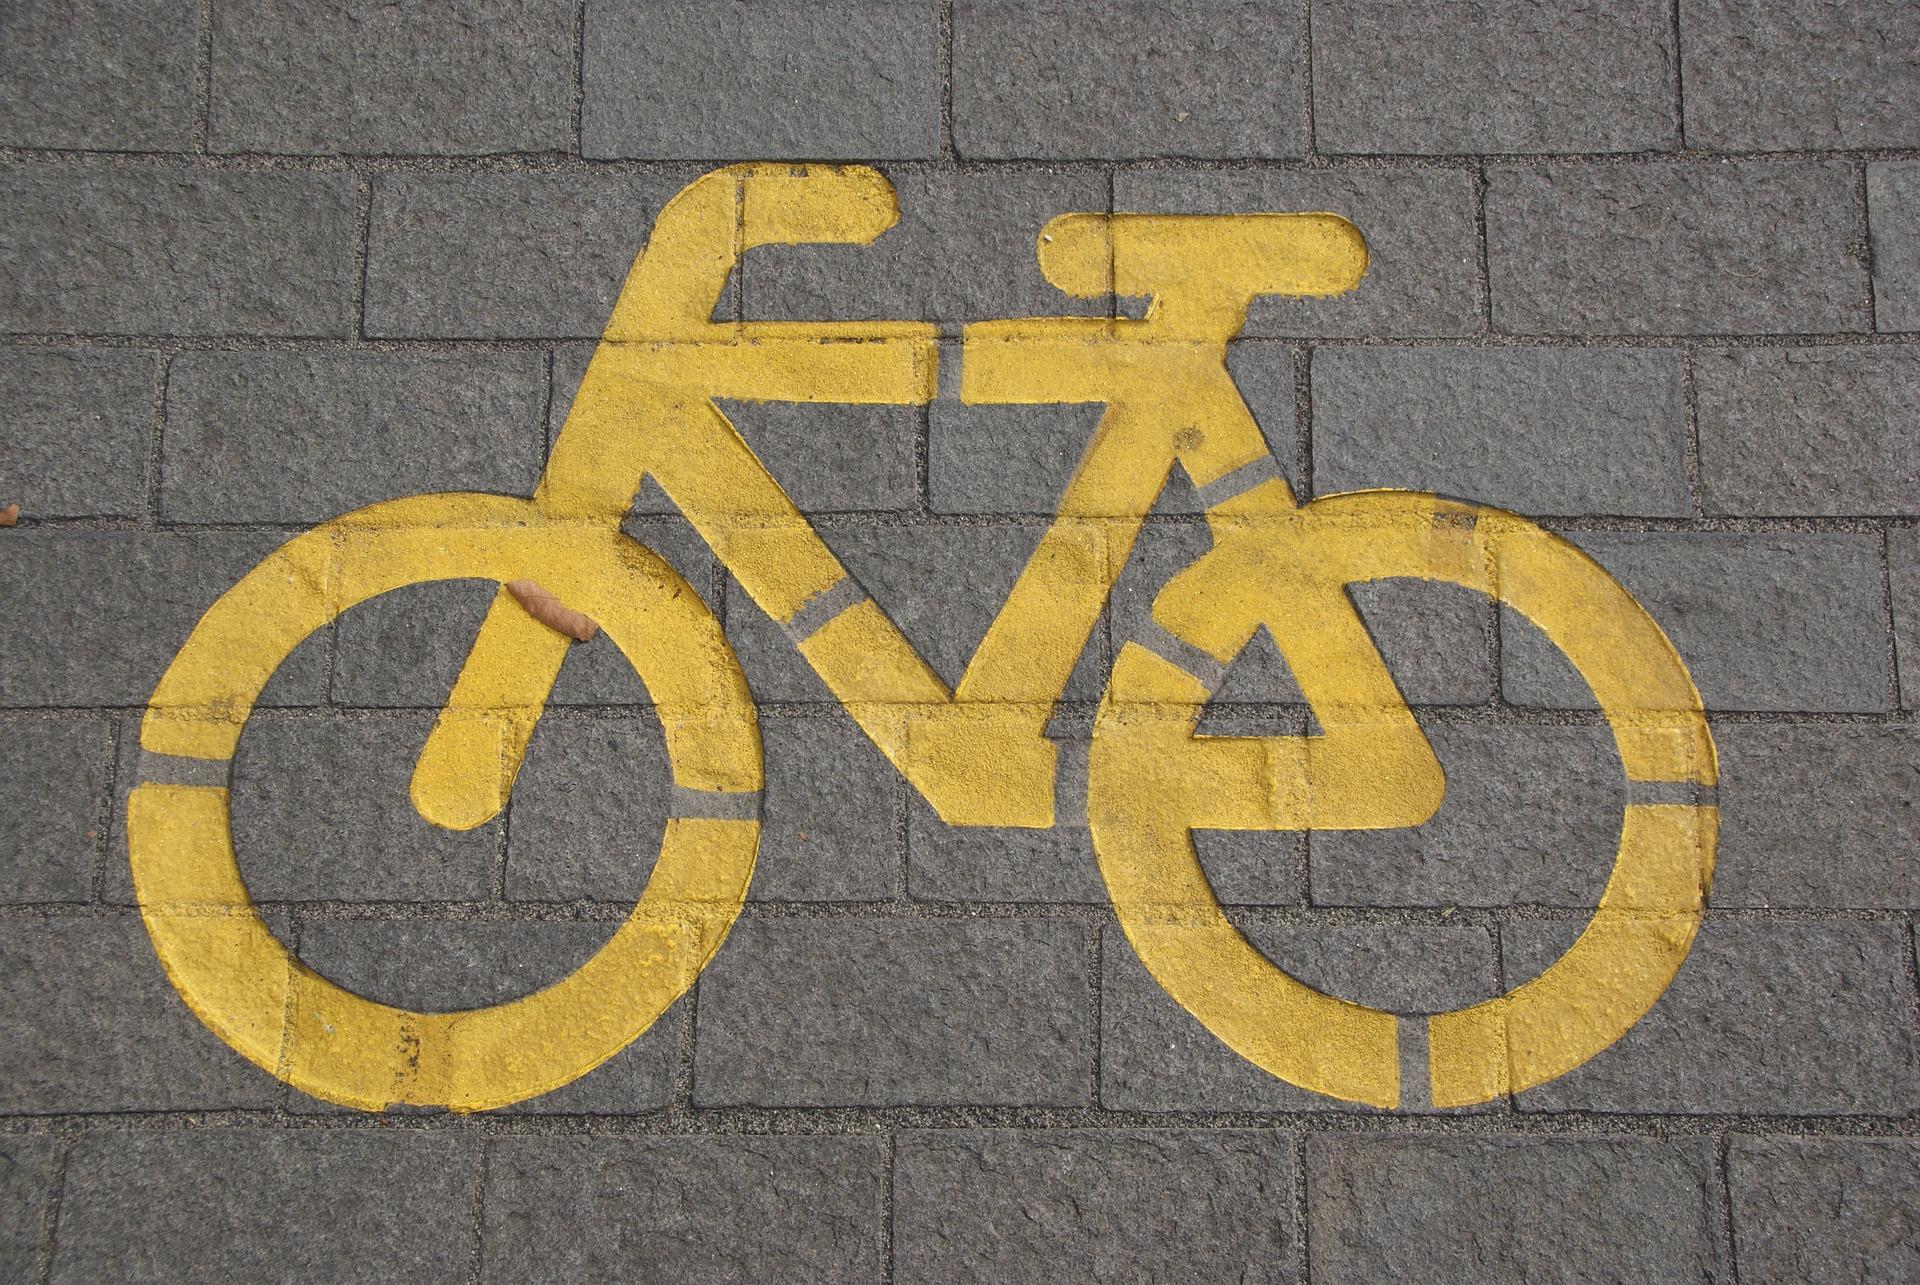 Zeichen für Radfahrer